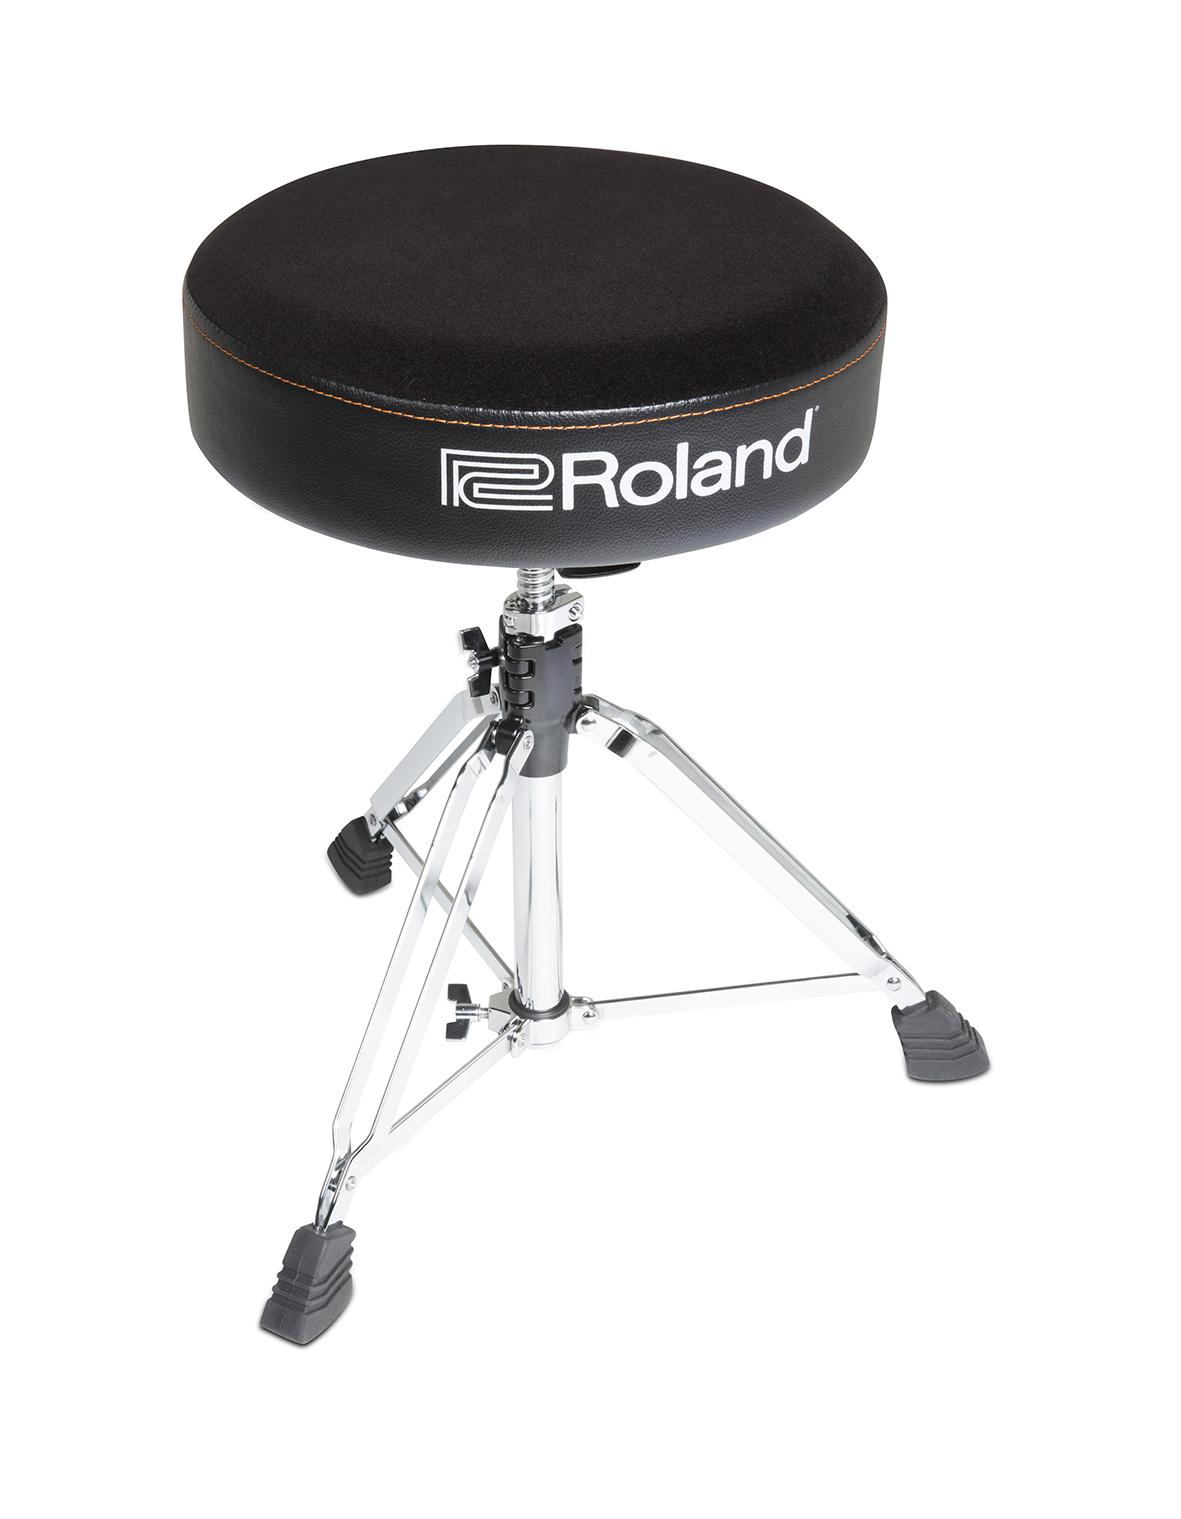 Batteries & Percussions - SIEGES - ROLAND - RDT-R - Royez Musik